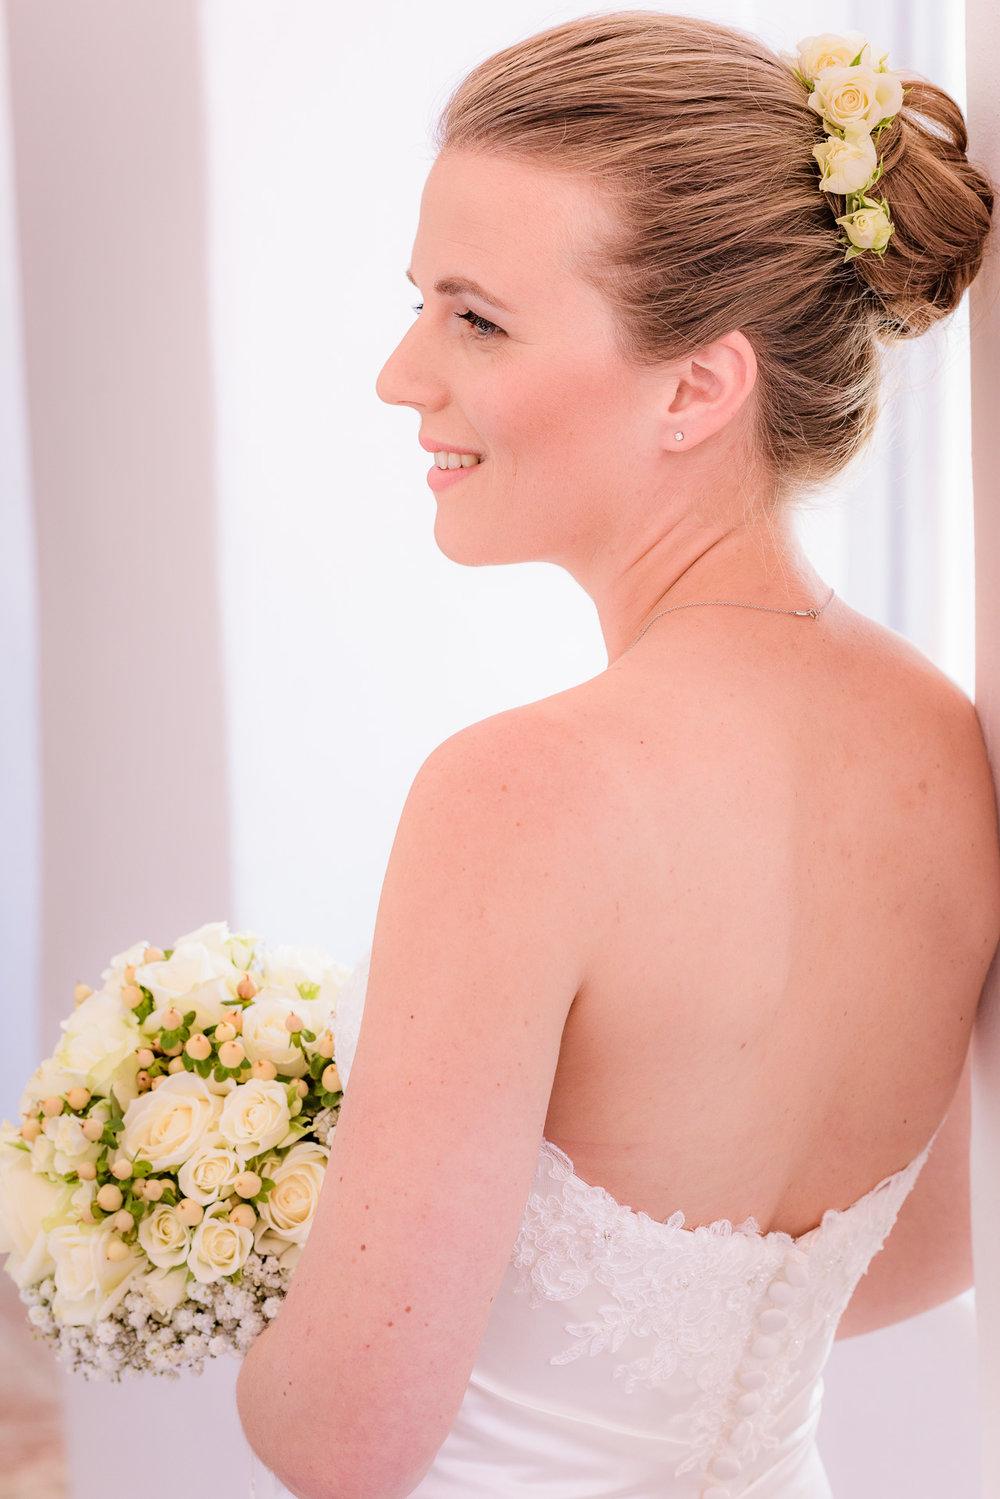 Hochzeit_Fanny@derhochzeitsfotograf.at-044-web.jpg